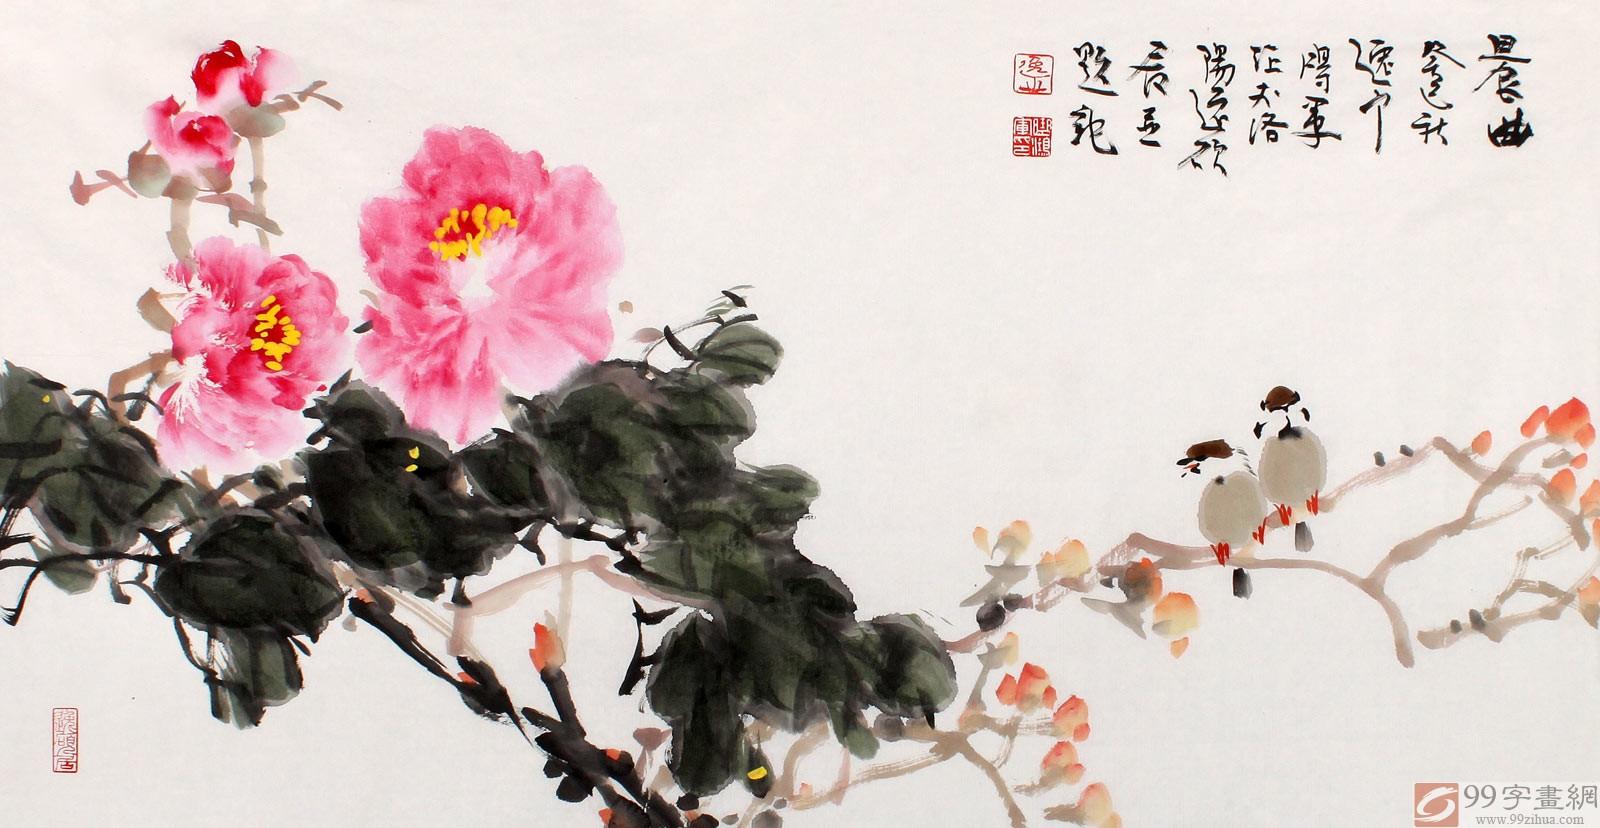 【已售】河南著名画家曲逸之三尺国画牡丹《晨曲》图片